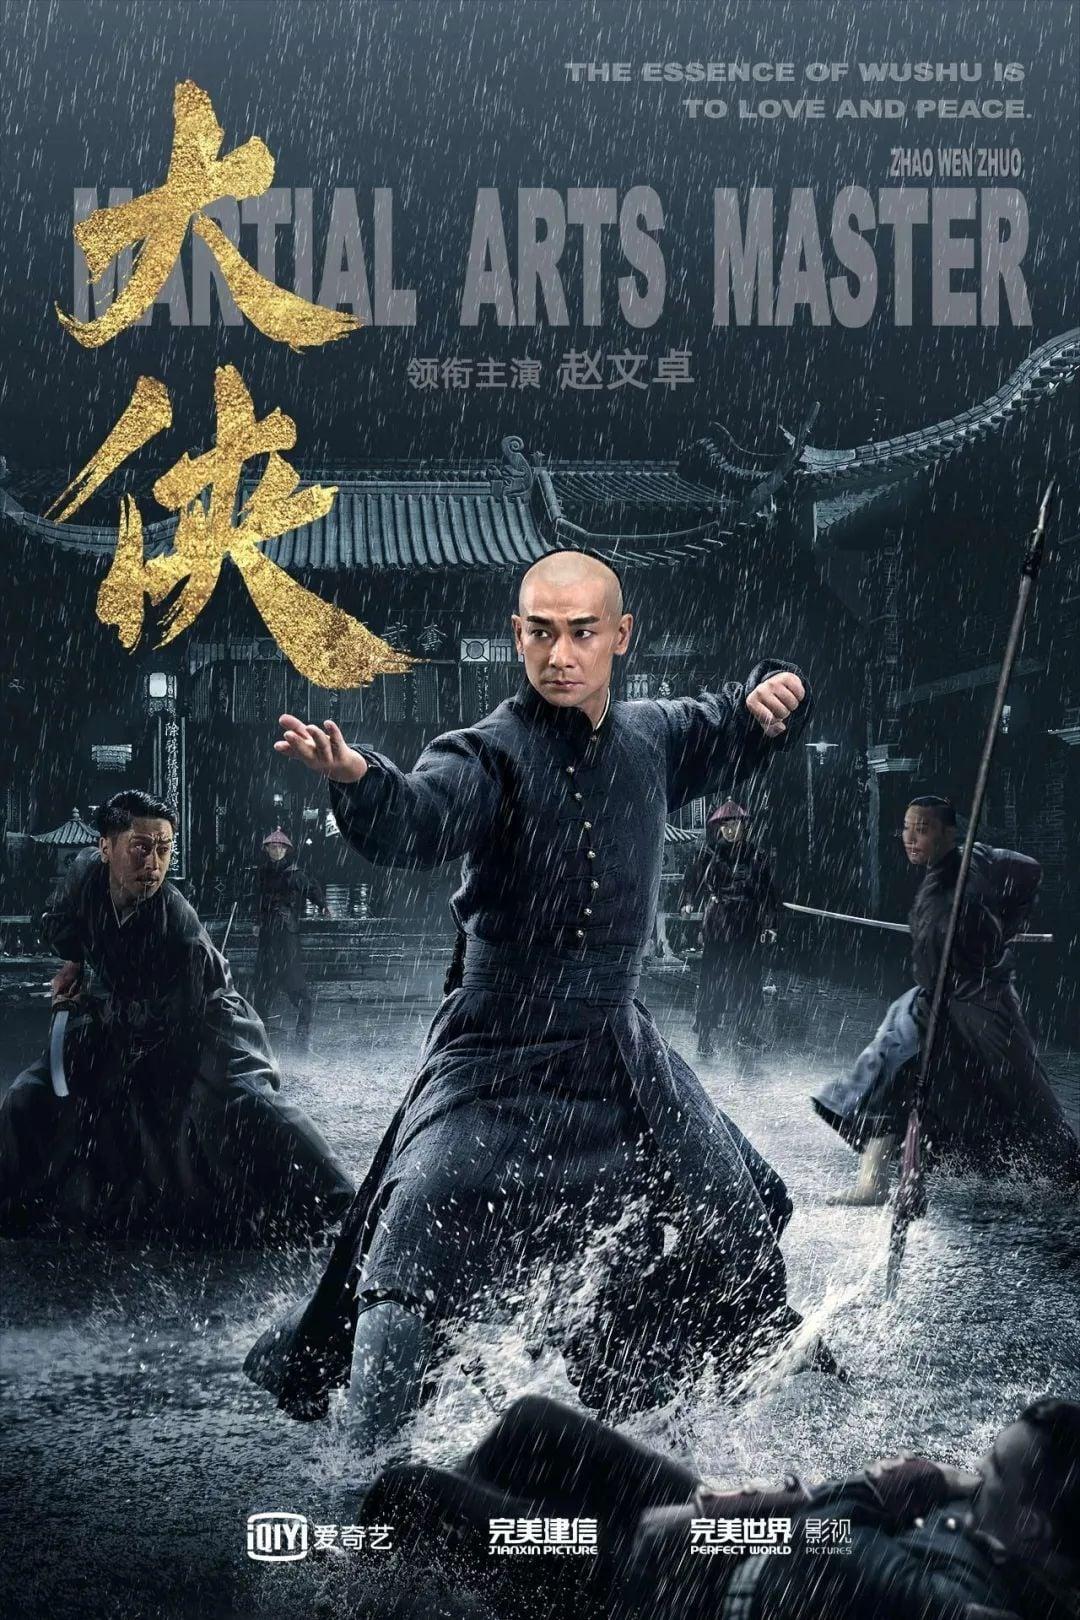 大侠霍元甲 TV Shows About Martial Arts